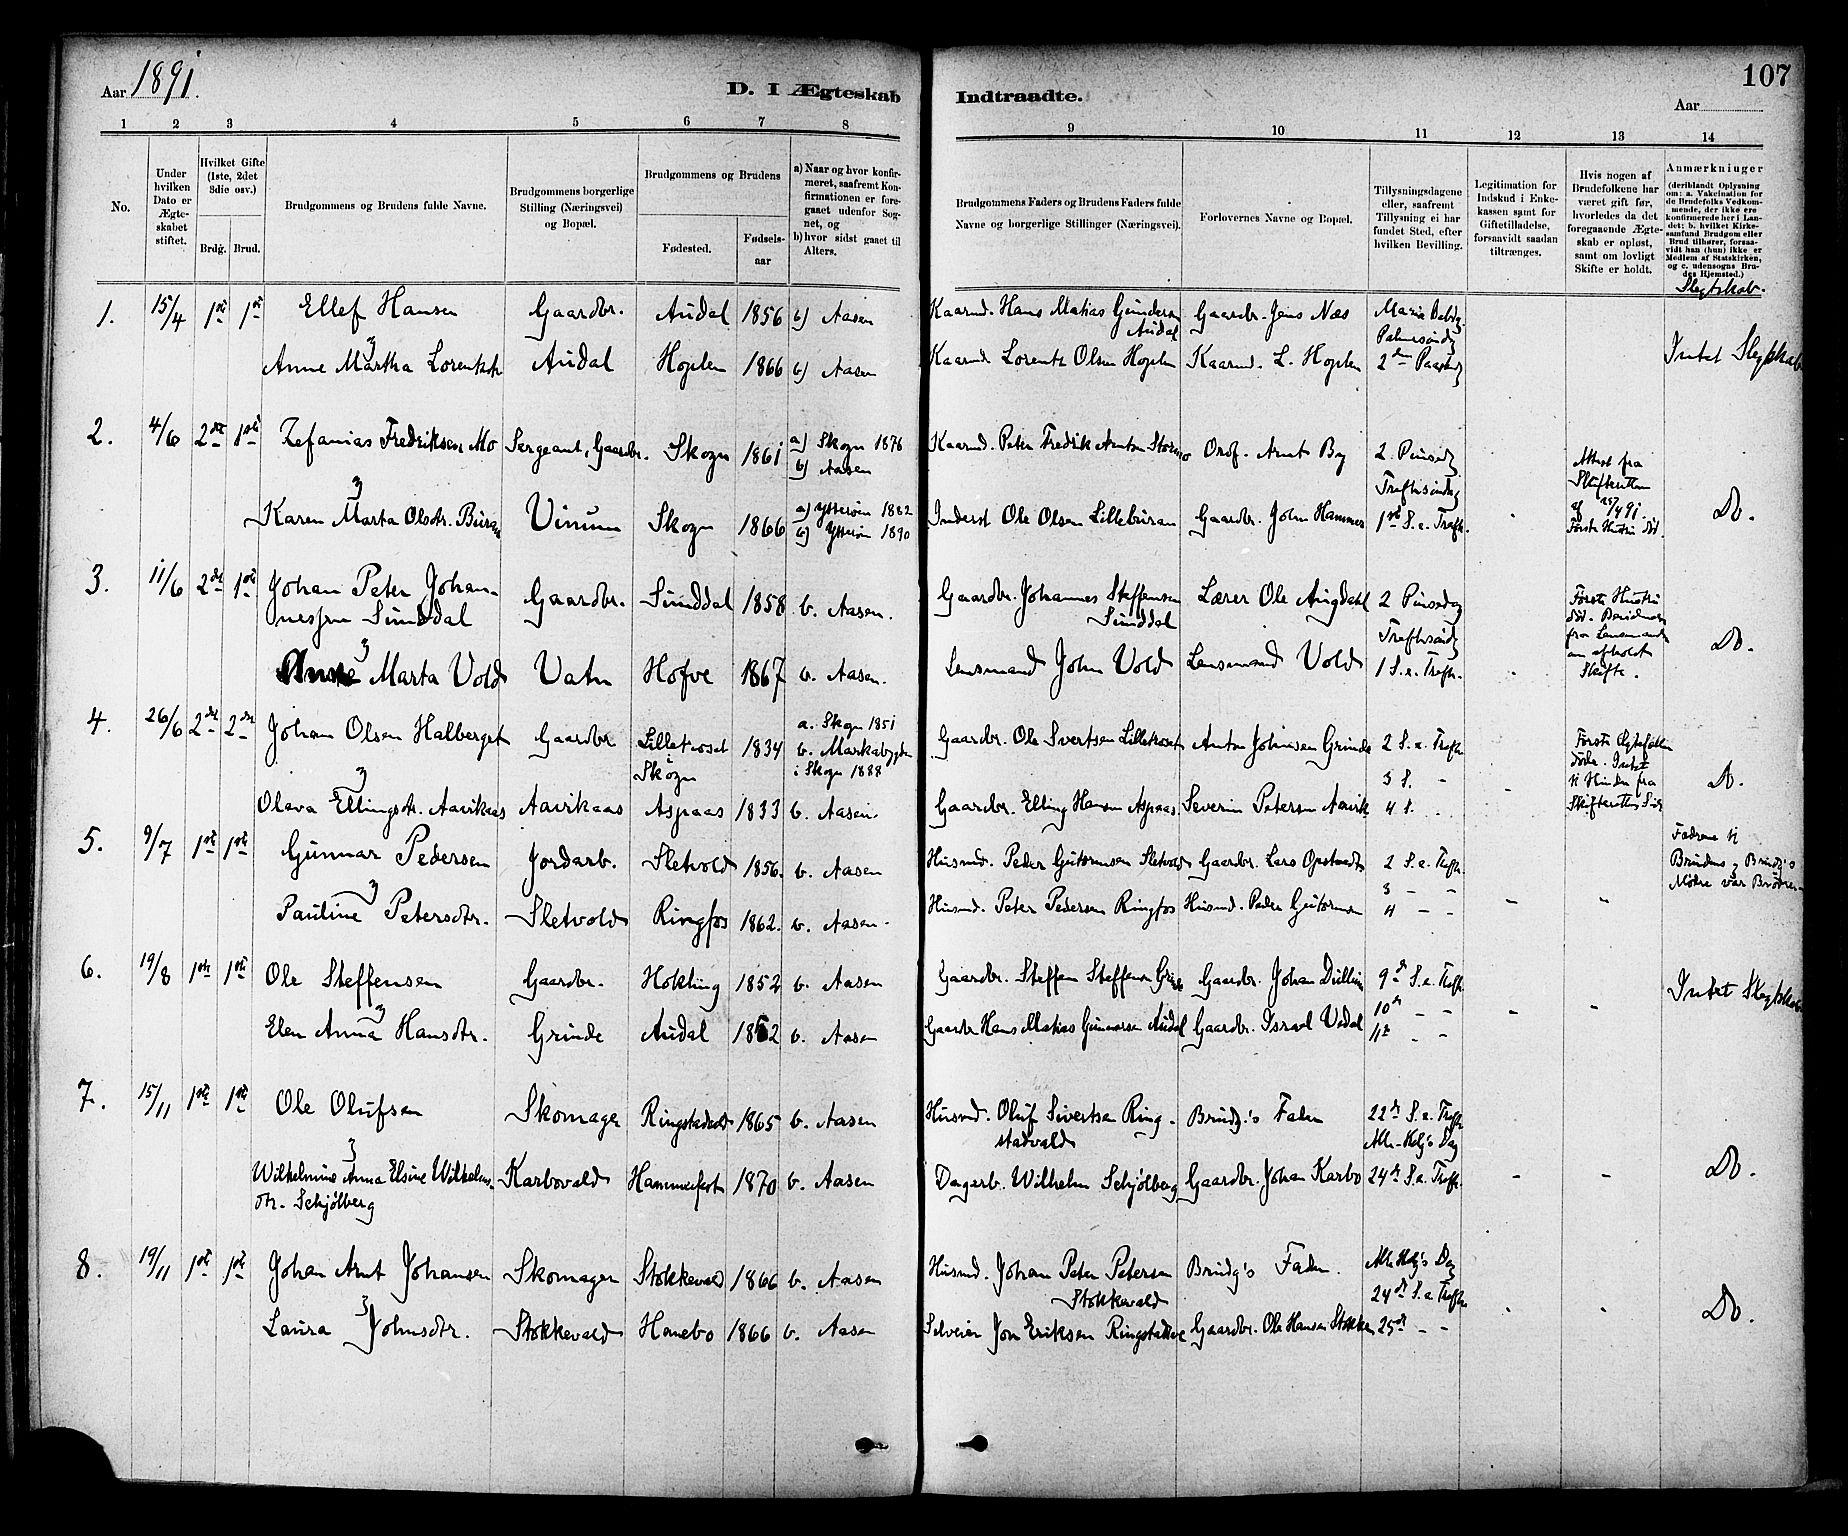 SAT, Ministerialprotokoller, klokkerbøker og fødselsregistre - Nord-Trøndelag, 714/L0130: Ministerialbok nr. 714A01, 1878-1895, s. 107